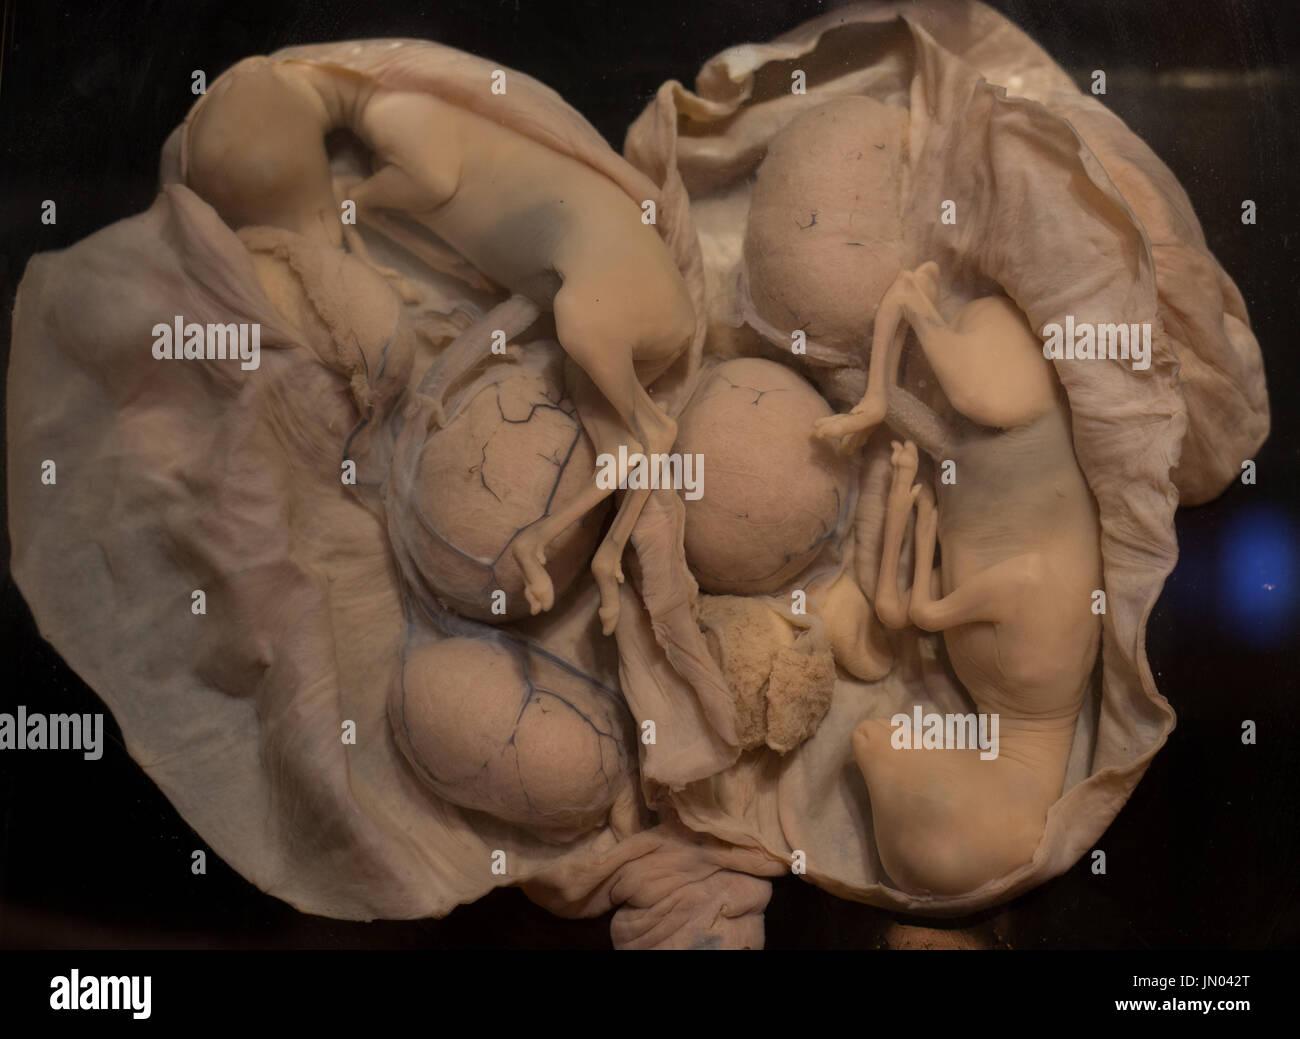 Animal fetus